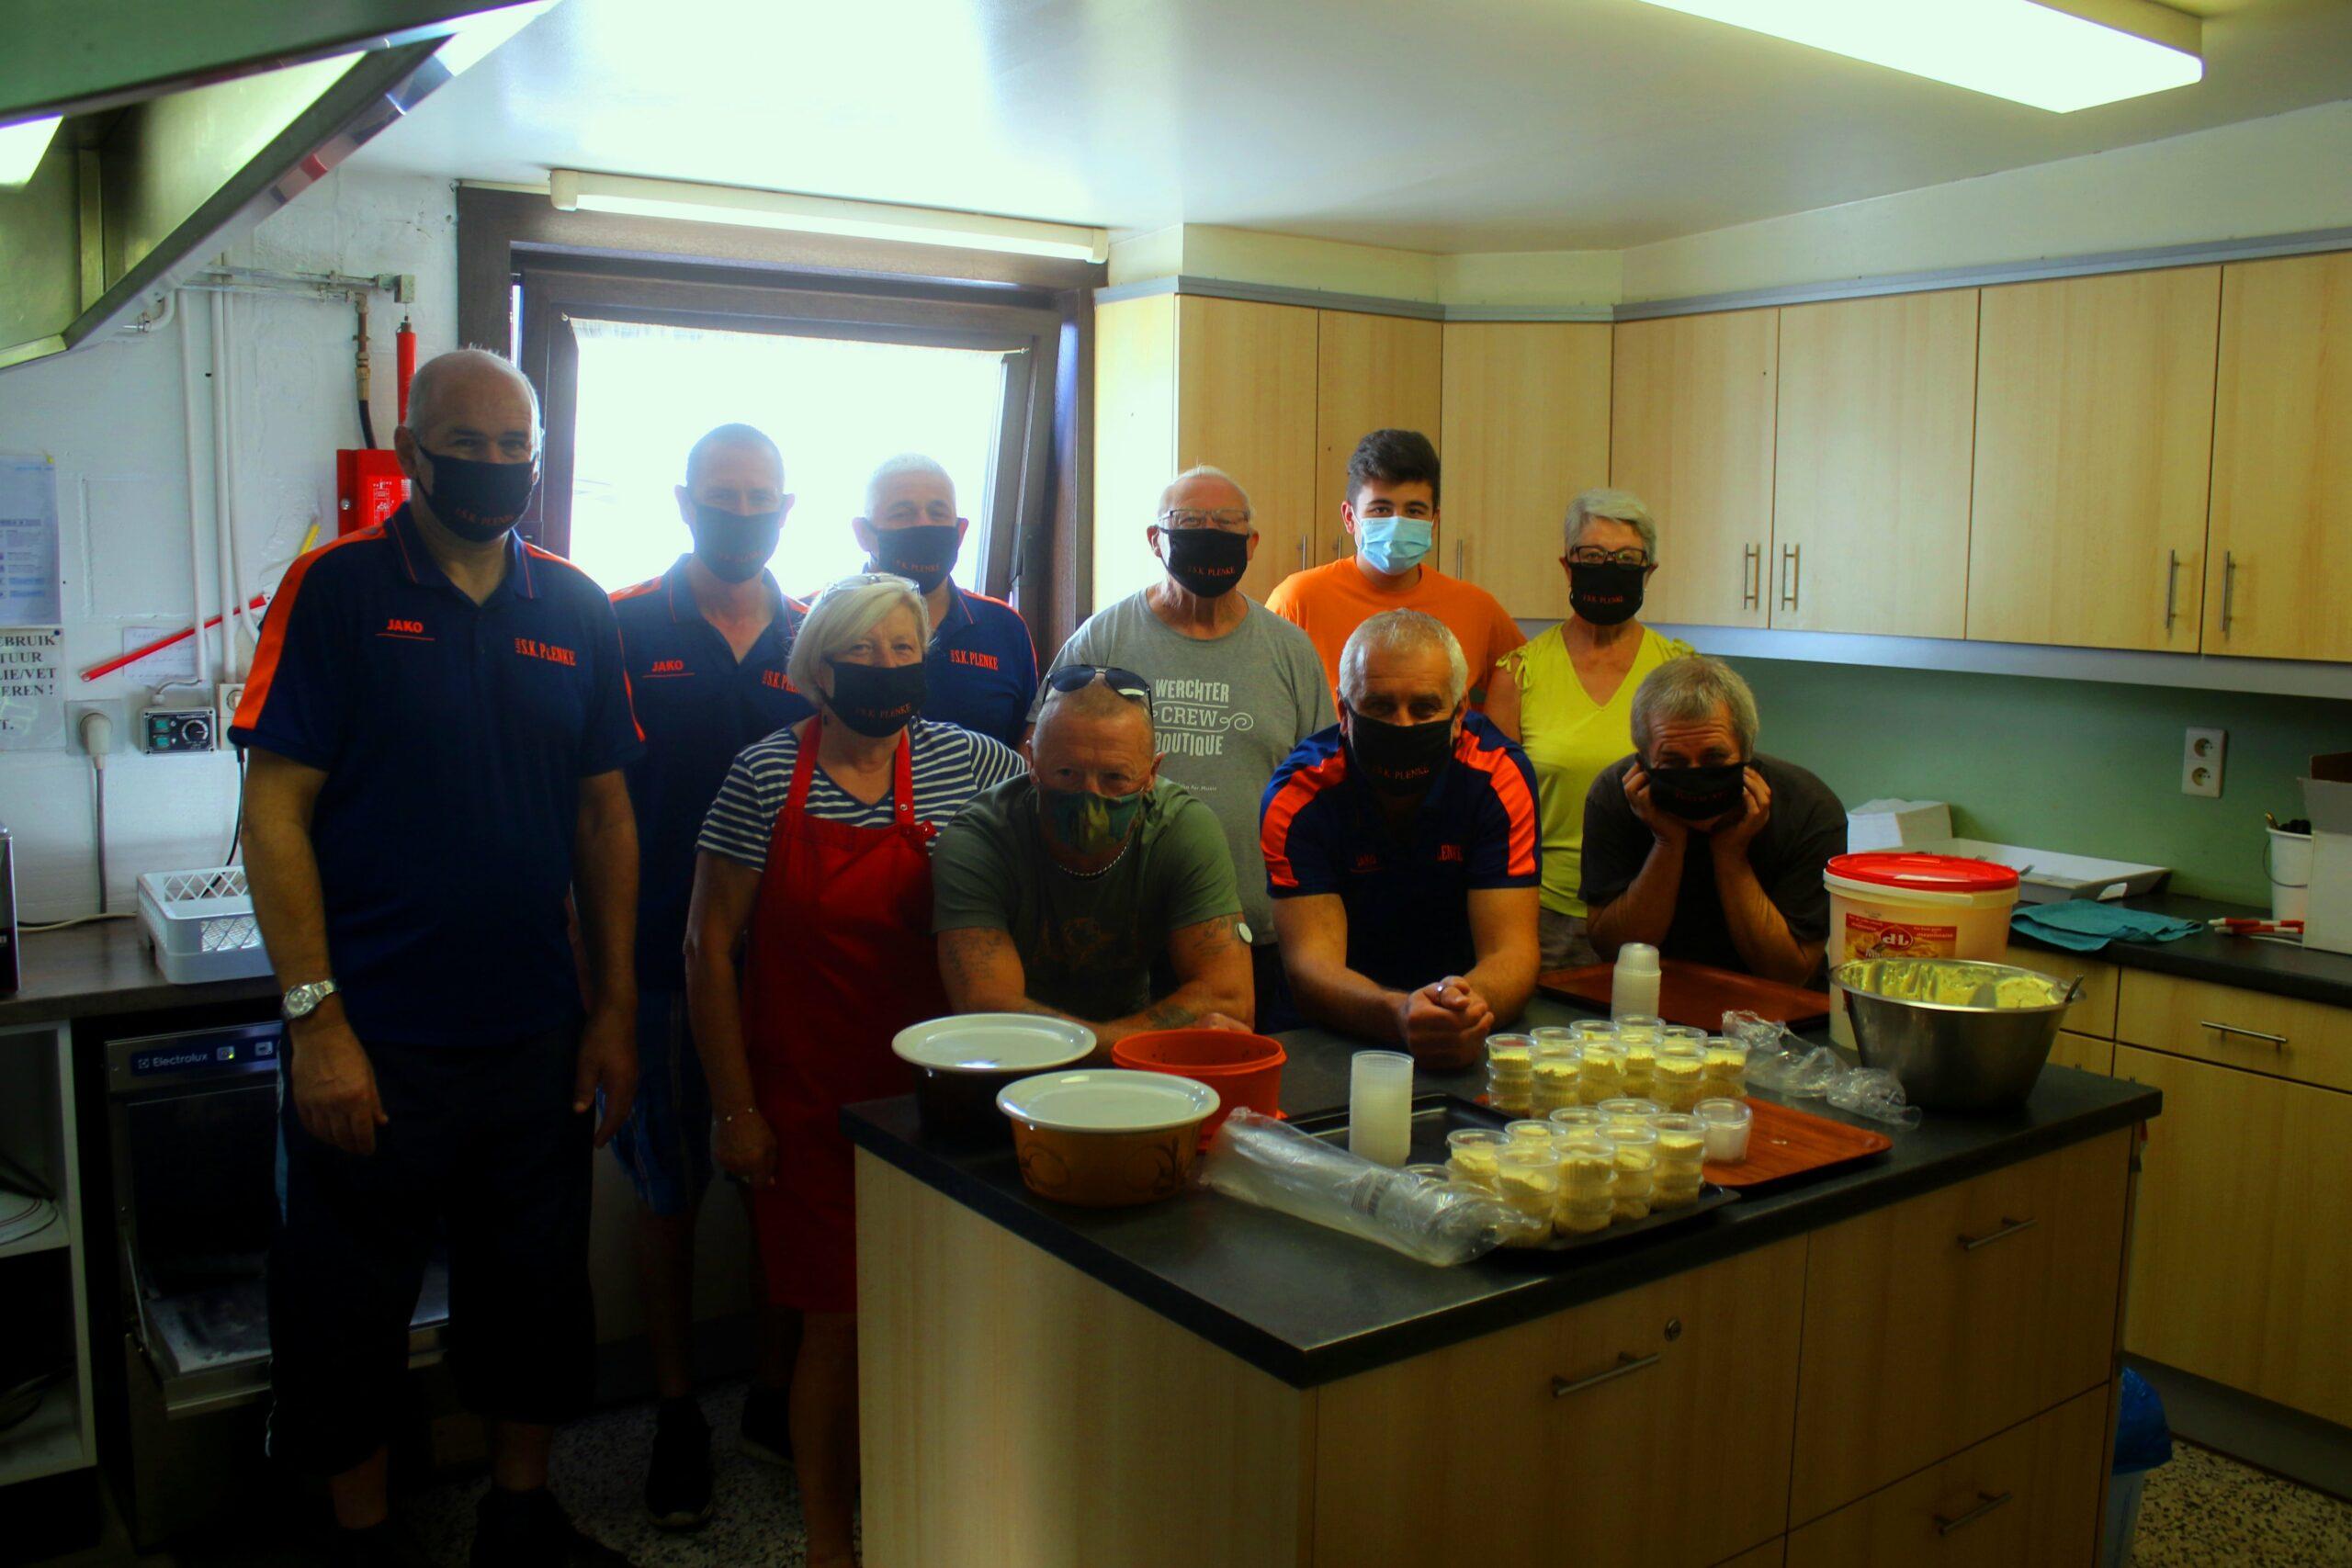 Keuken SK Plenke Werchter klaar voor eetdagen